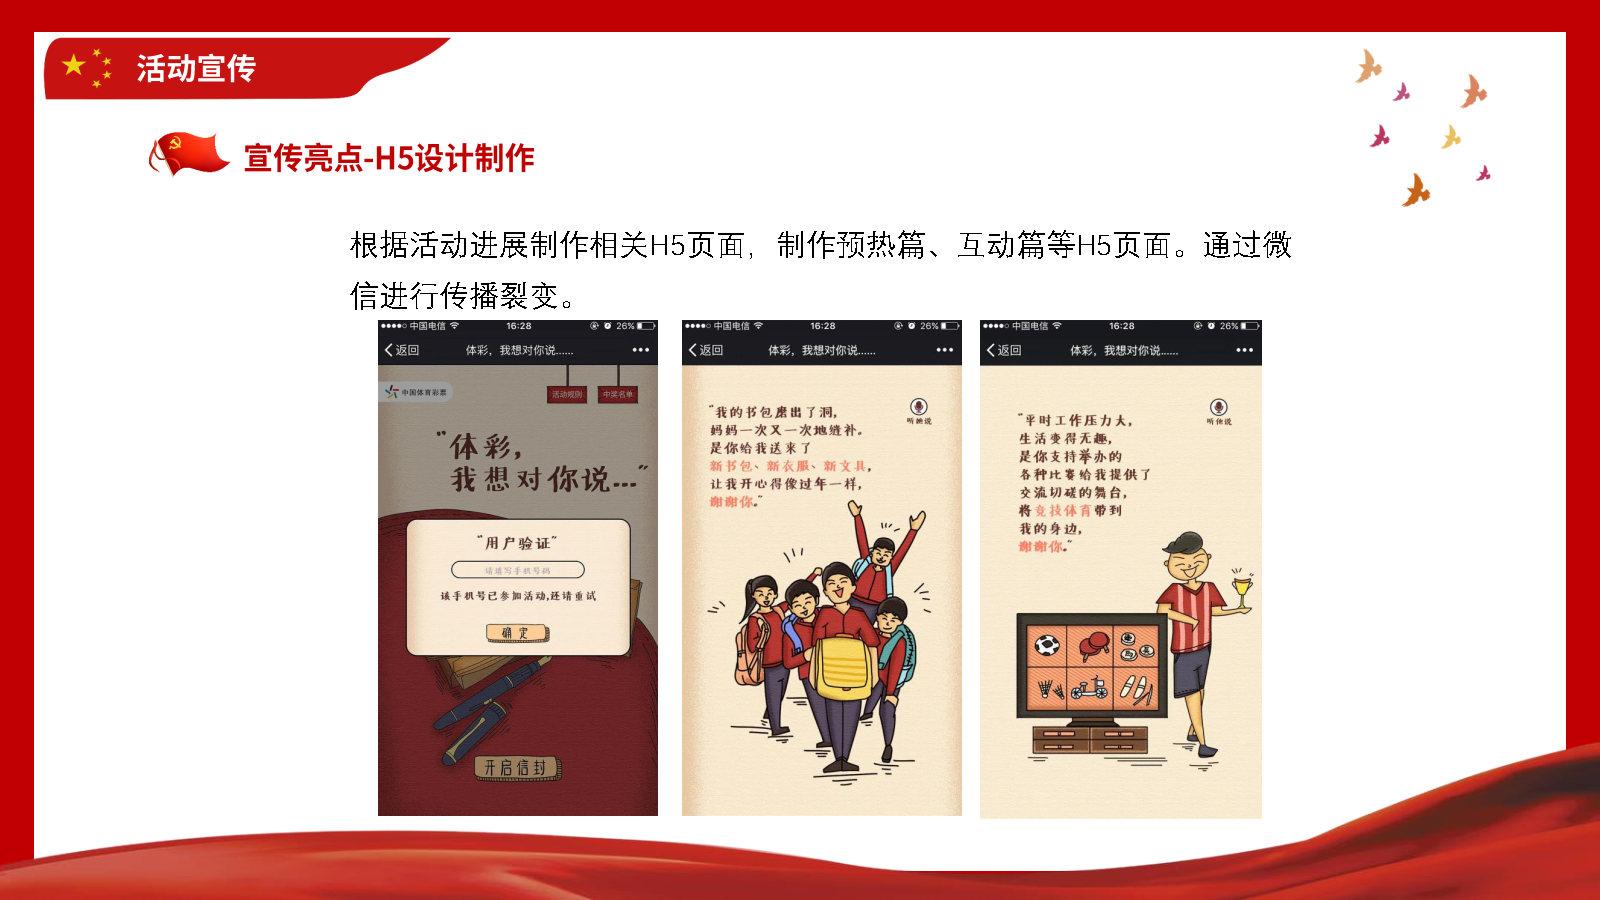 2021年广东公益体彩进社区(珠海站)活动策划方案@众暖策划_Page9.jpg